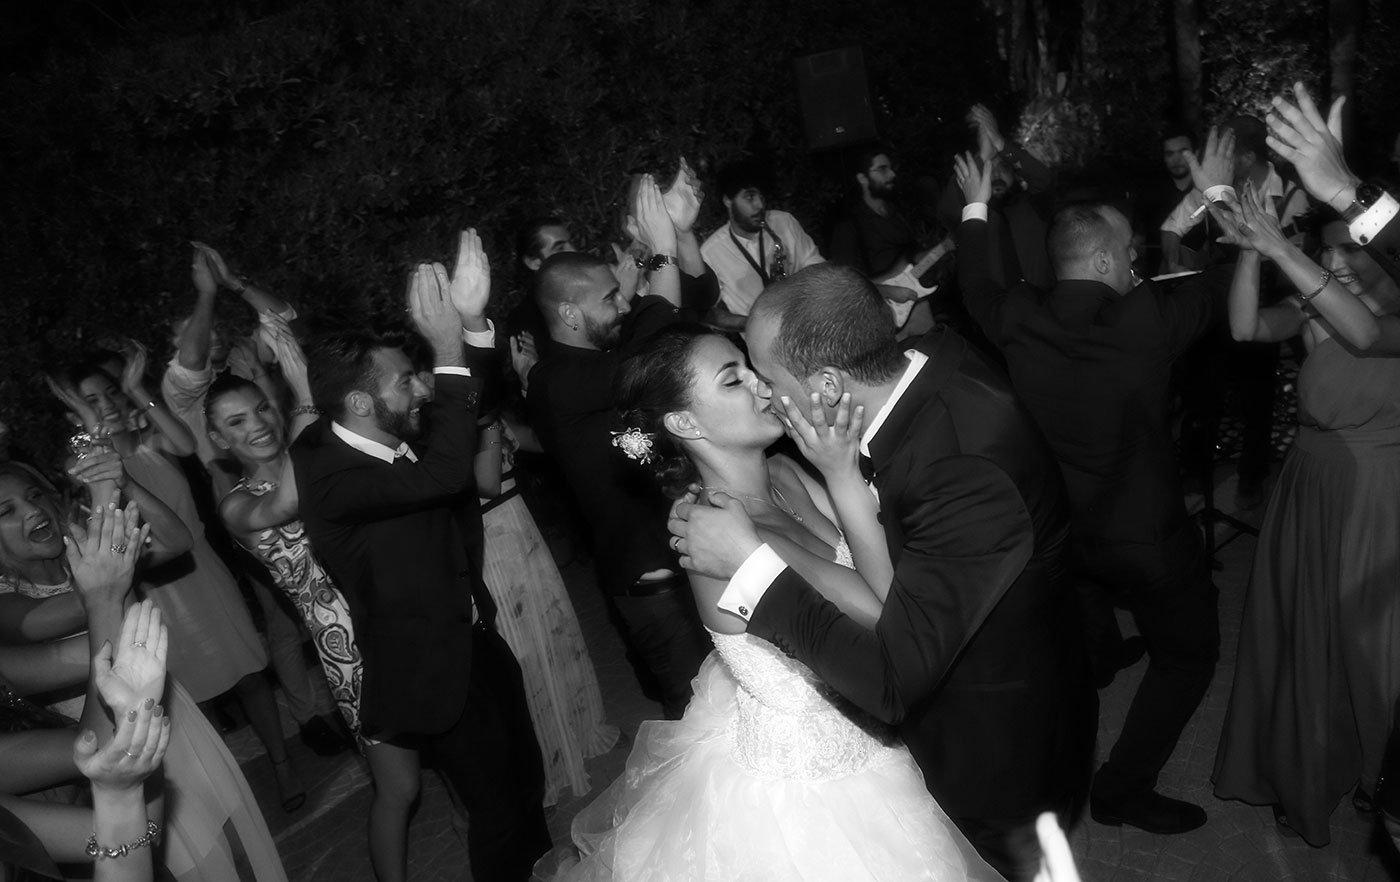 foto in bianco e nero di due sposi che si baciano e gli invitati che ballano